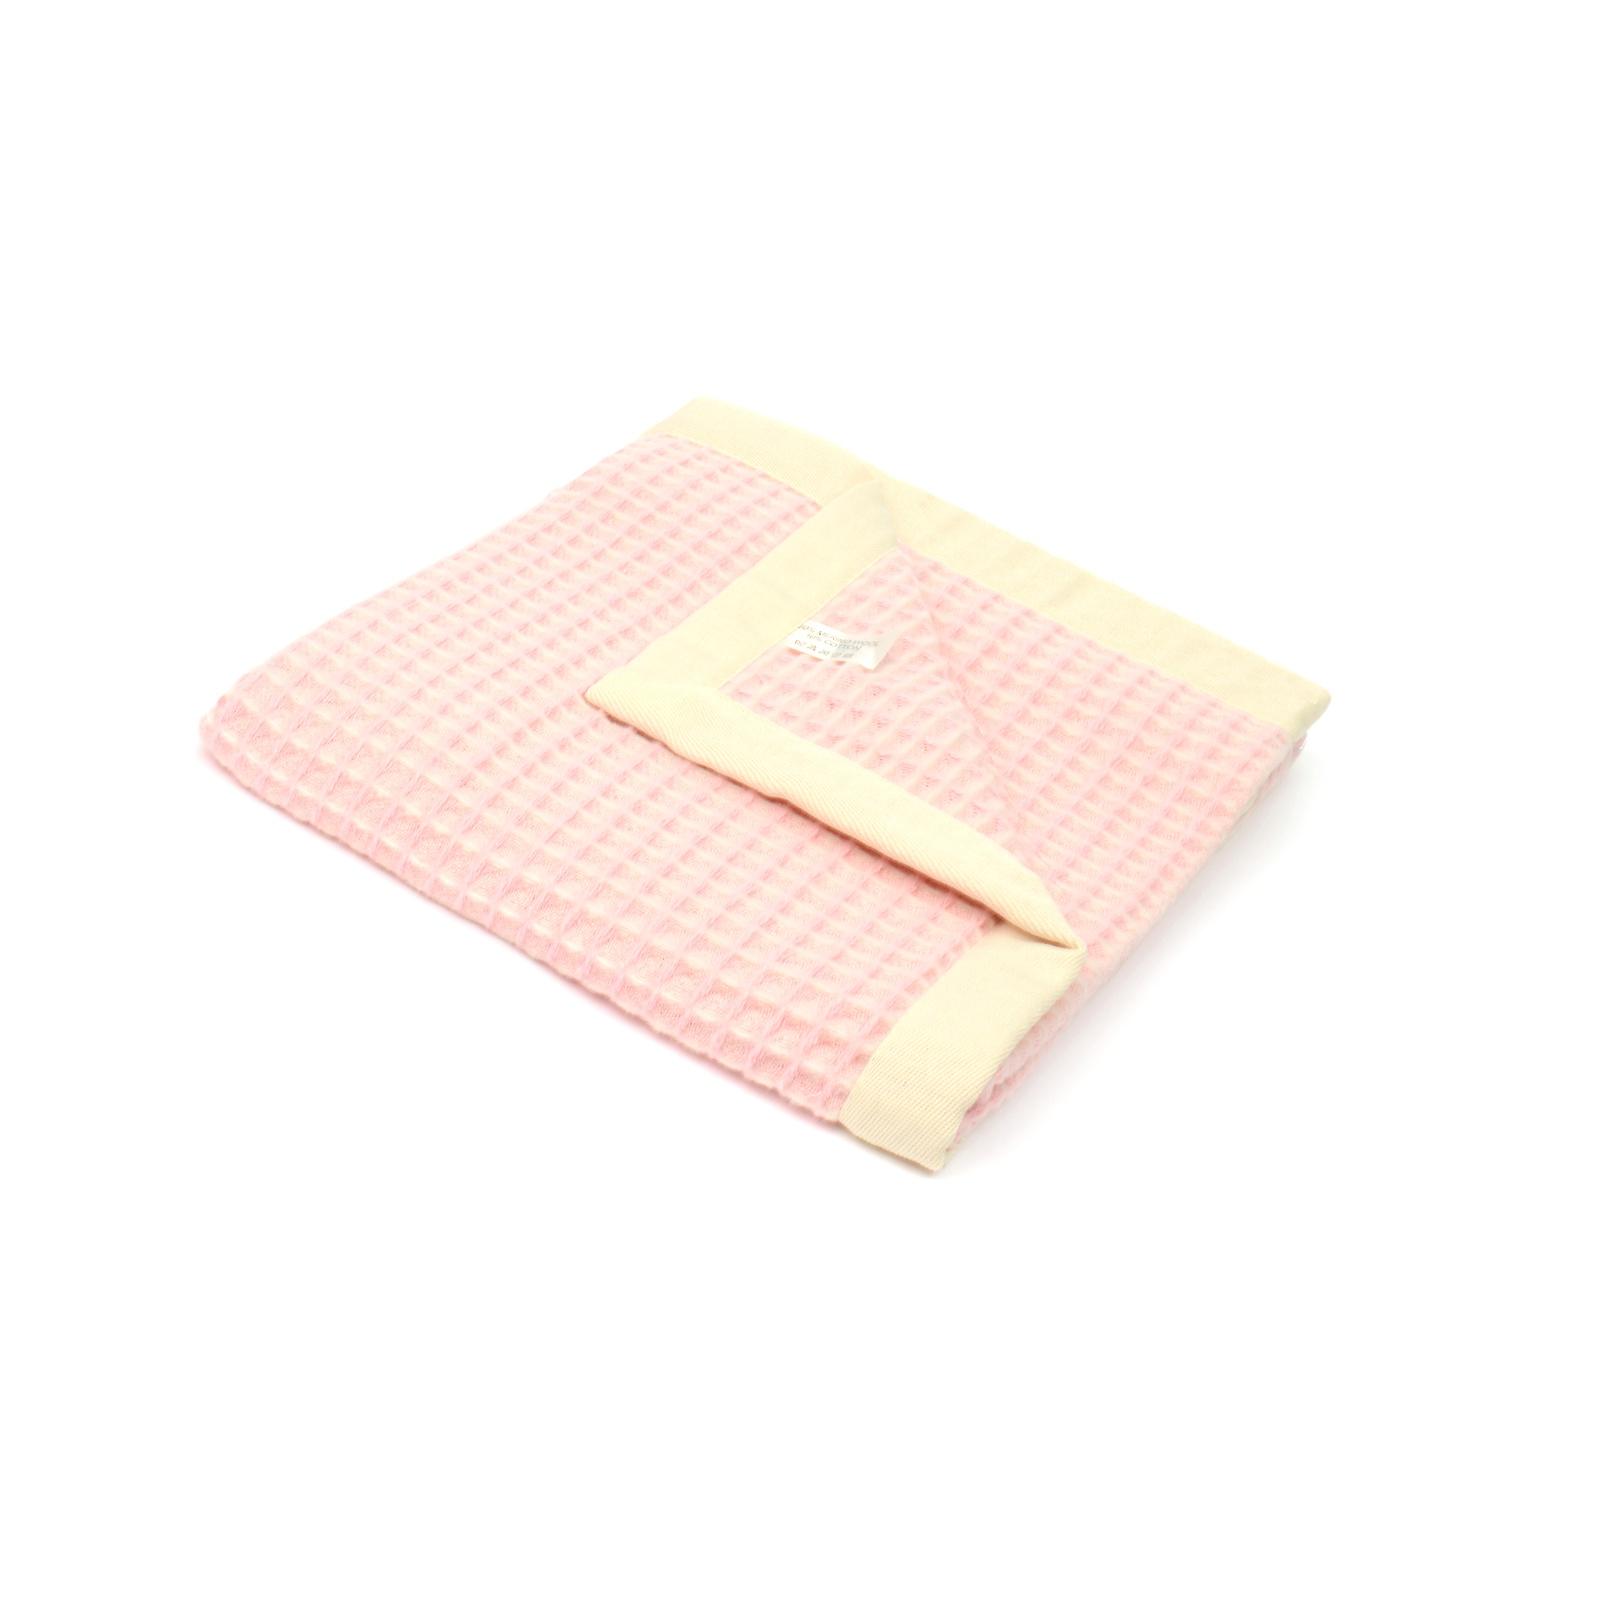 Плед MARZOTTO PRIMAVERA S2, розовый, светло-розовый плед cloudlet шерсть цвет светло розовый 100х150 см